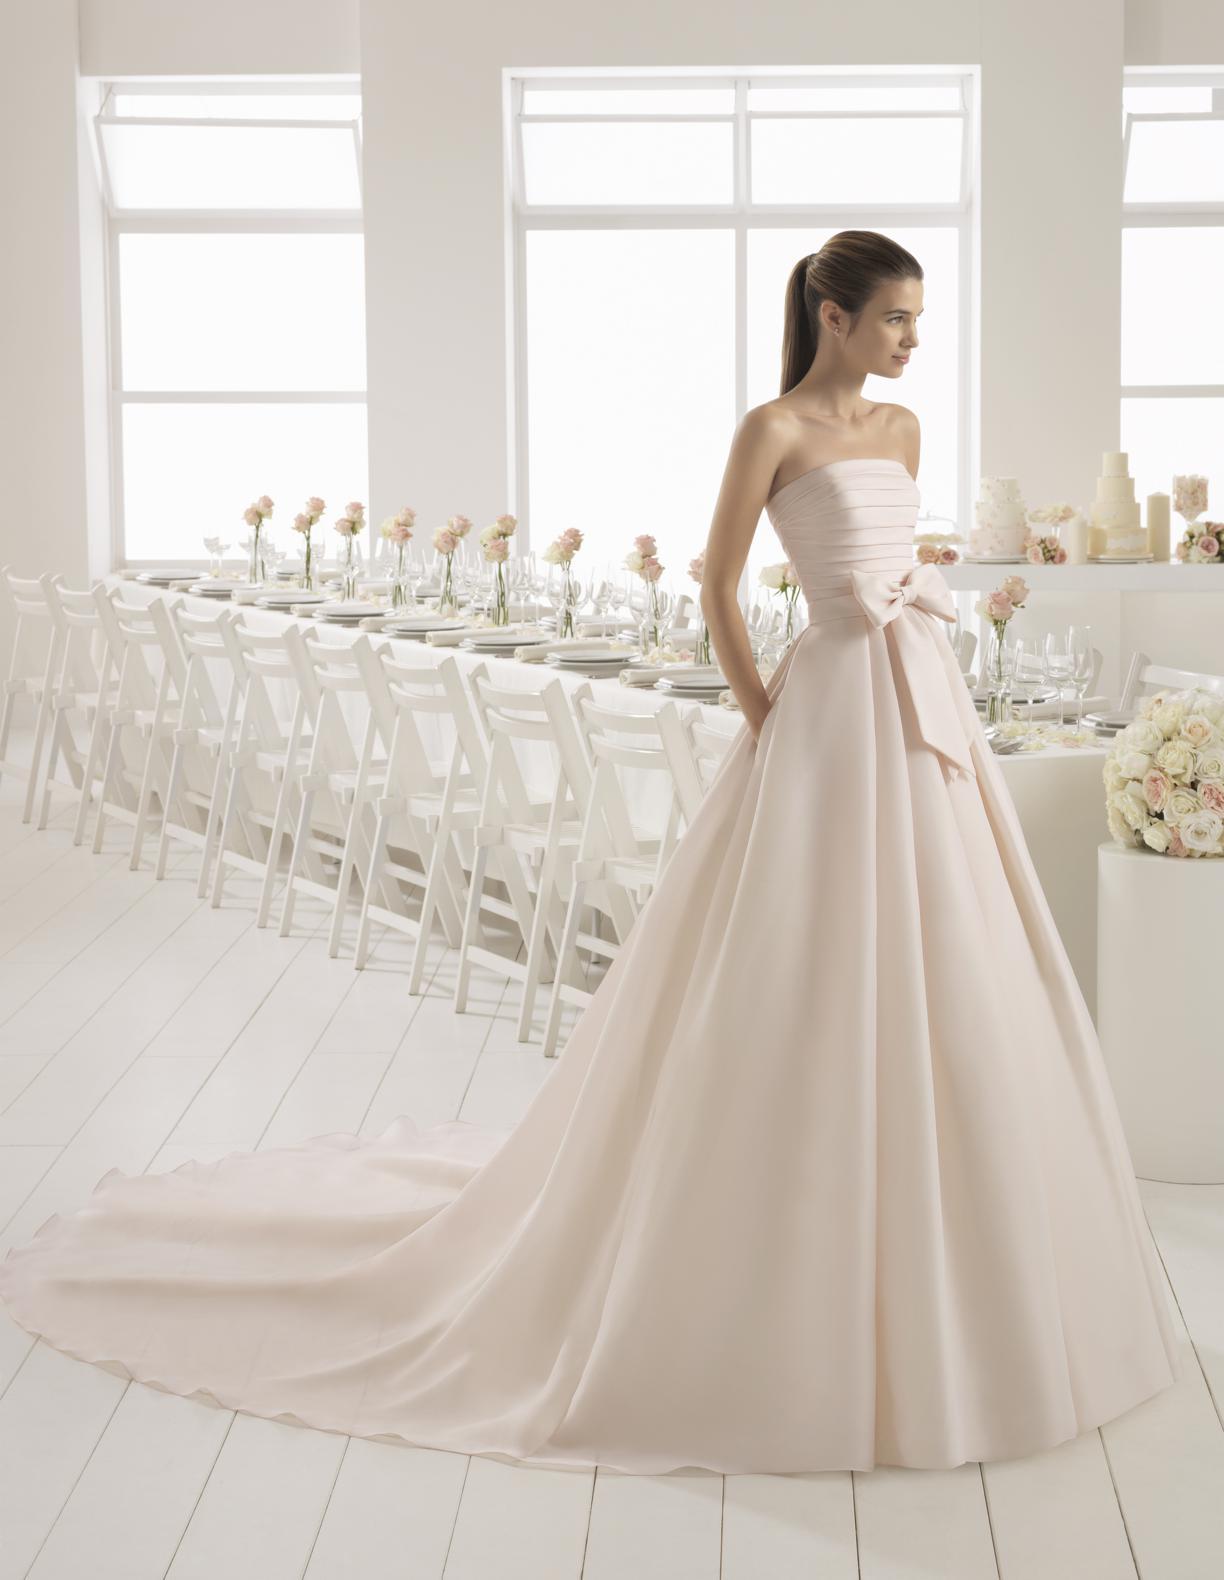 Aire barcelona blanca abiti da sposa il giardino della sposa - Il giardino della sposa ...